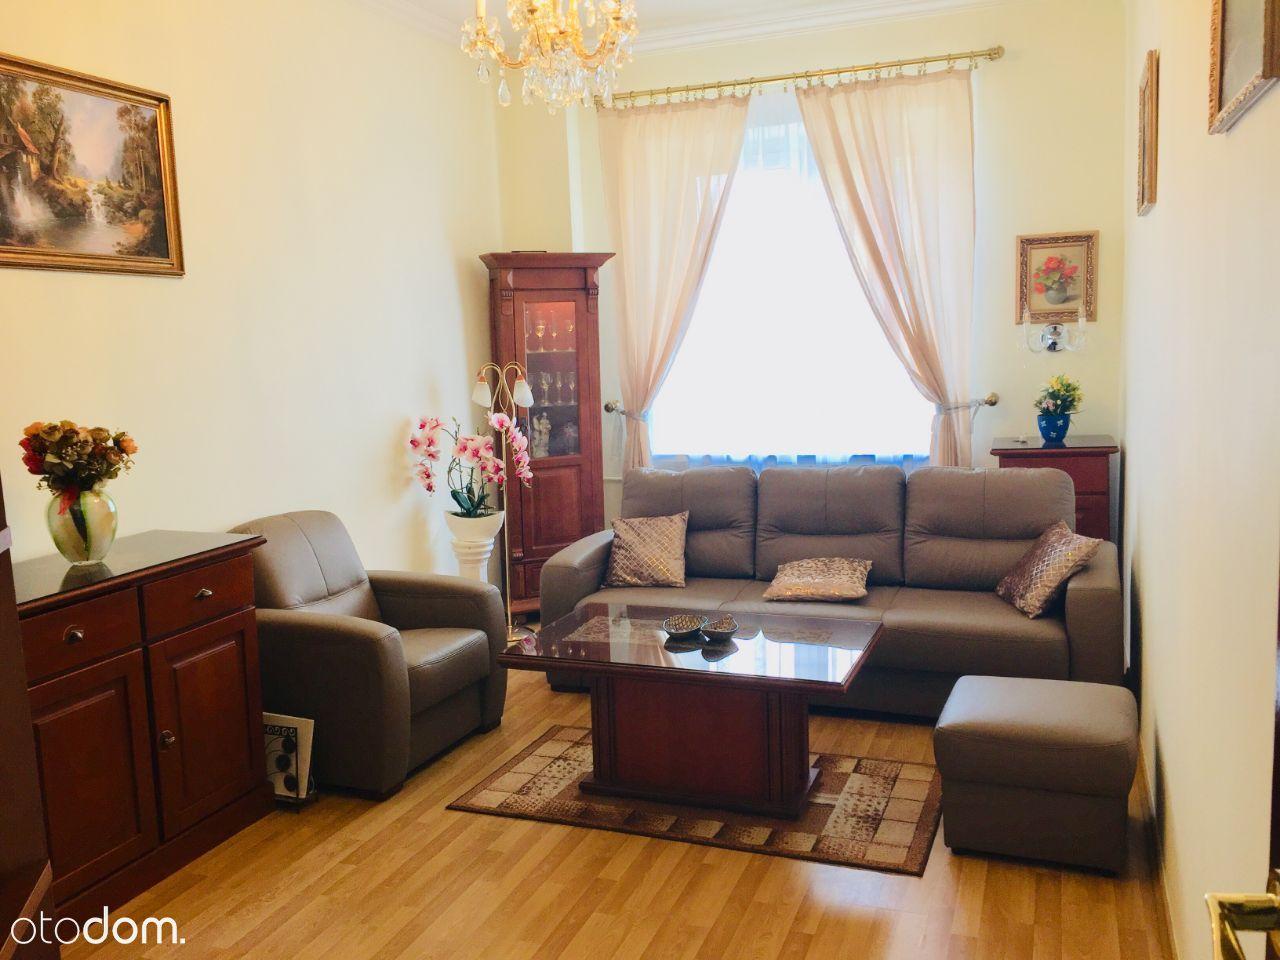 Mieszkanie do wynajęcia 3 pok. al. Jana Pawła II